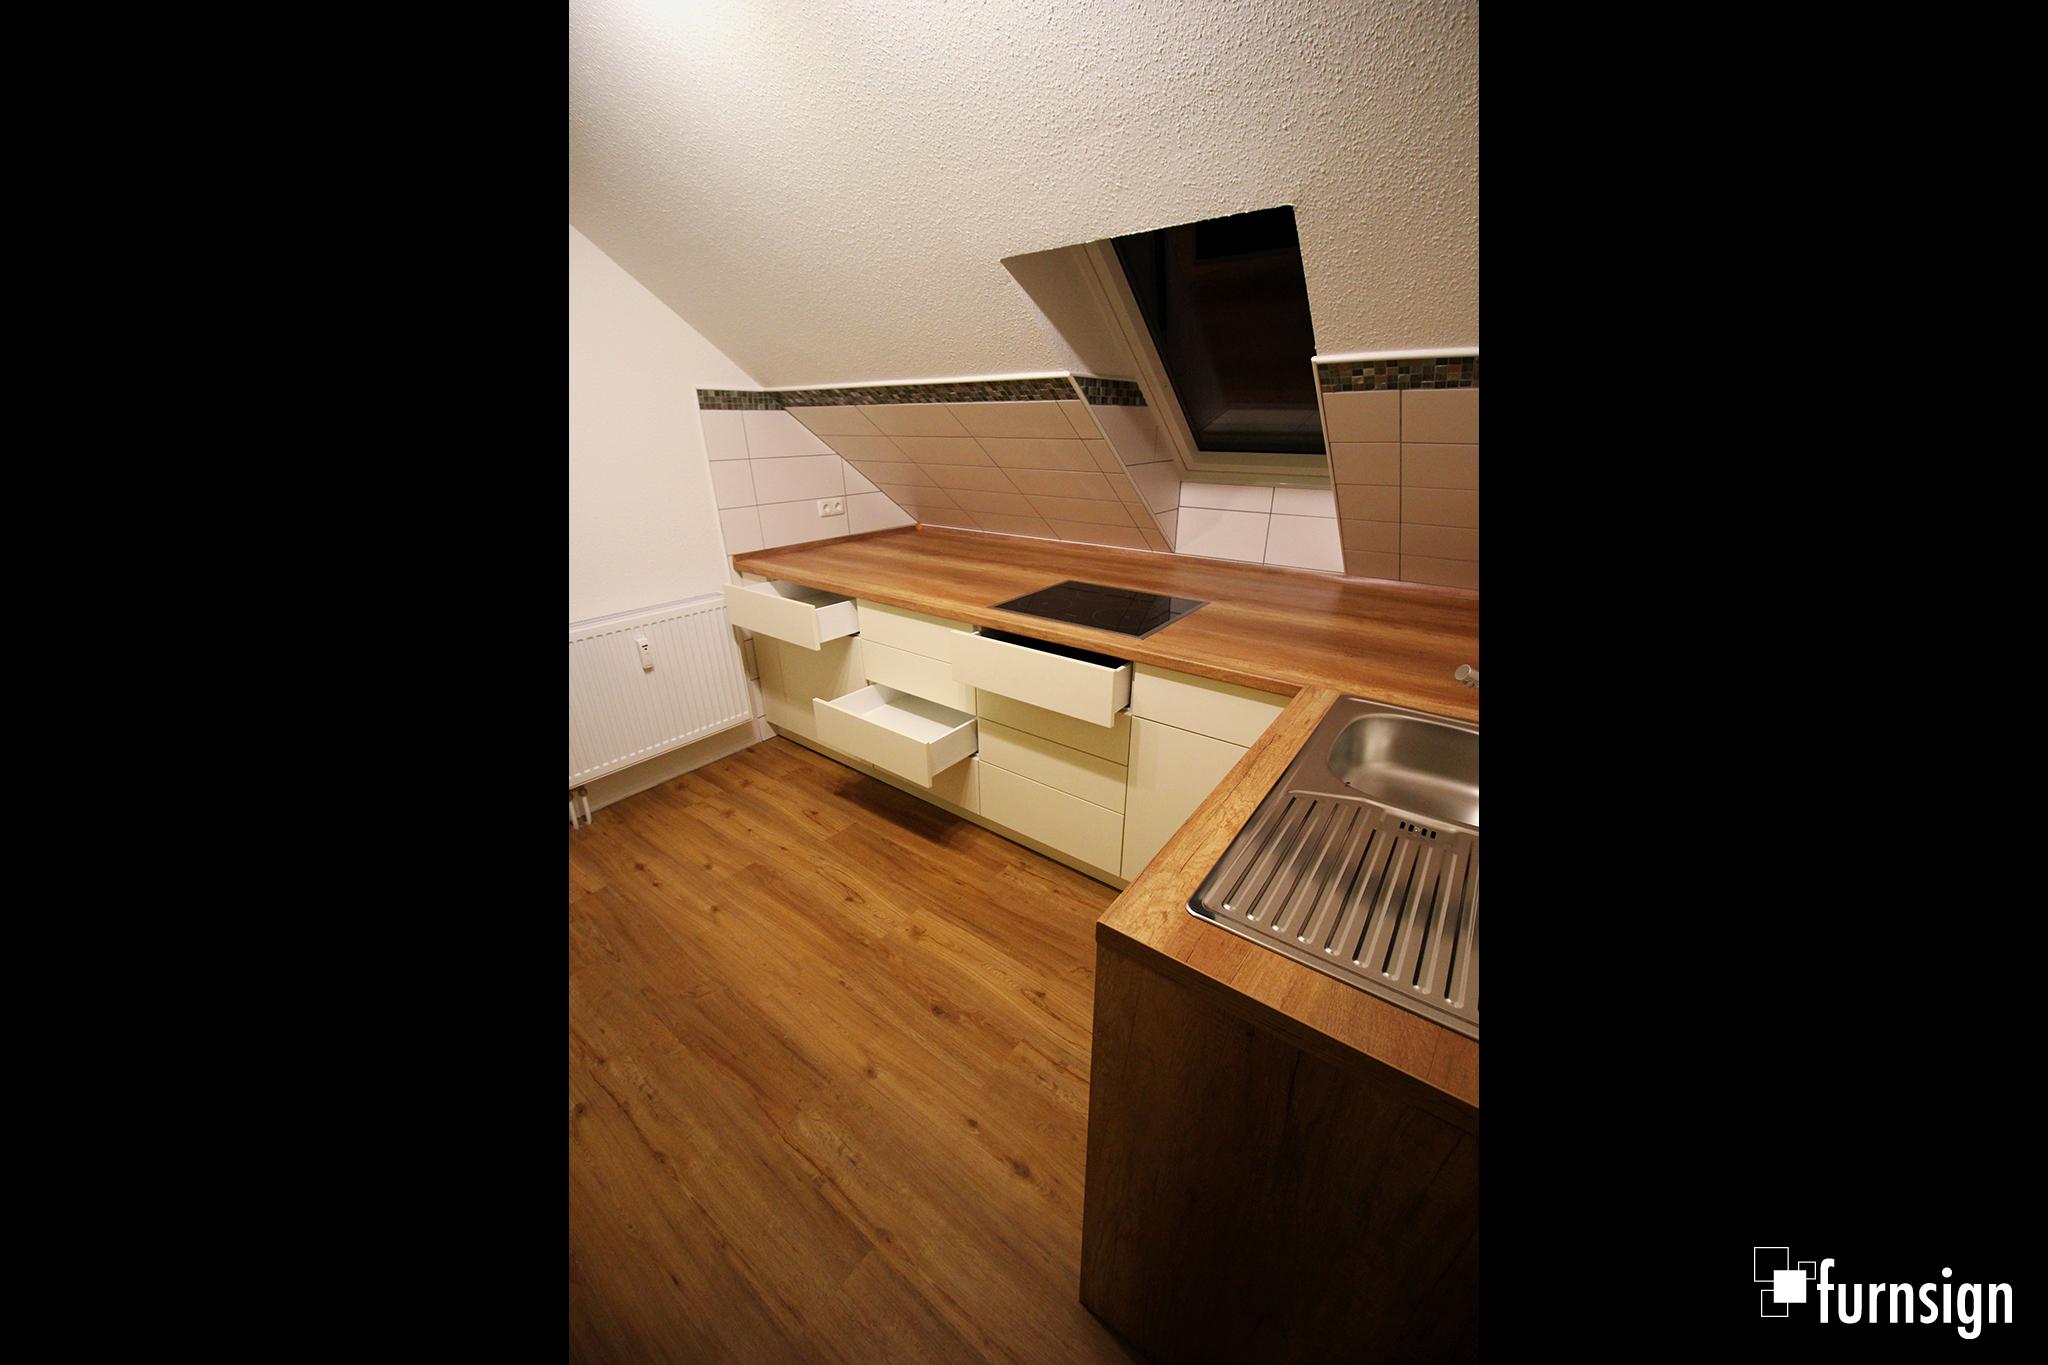 Kueche_Dachgeschosswohnung-03